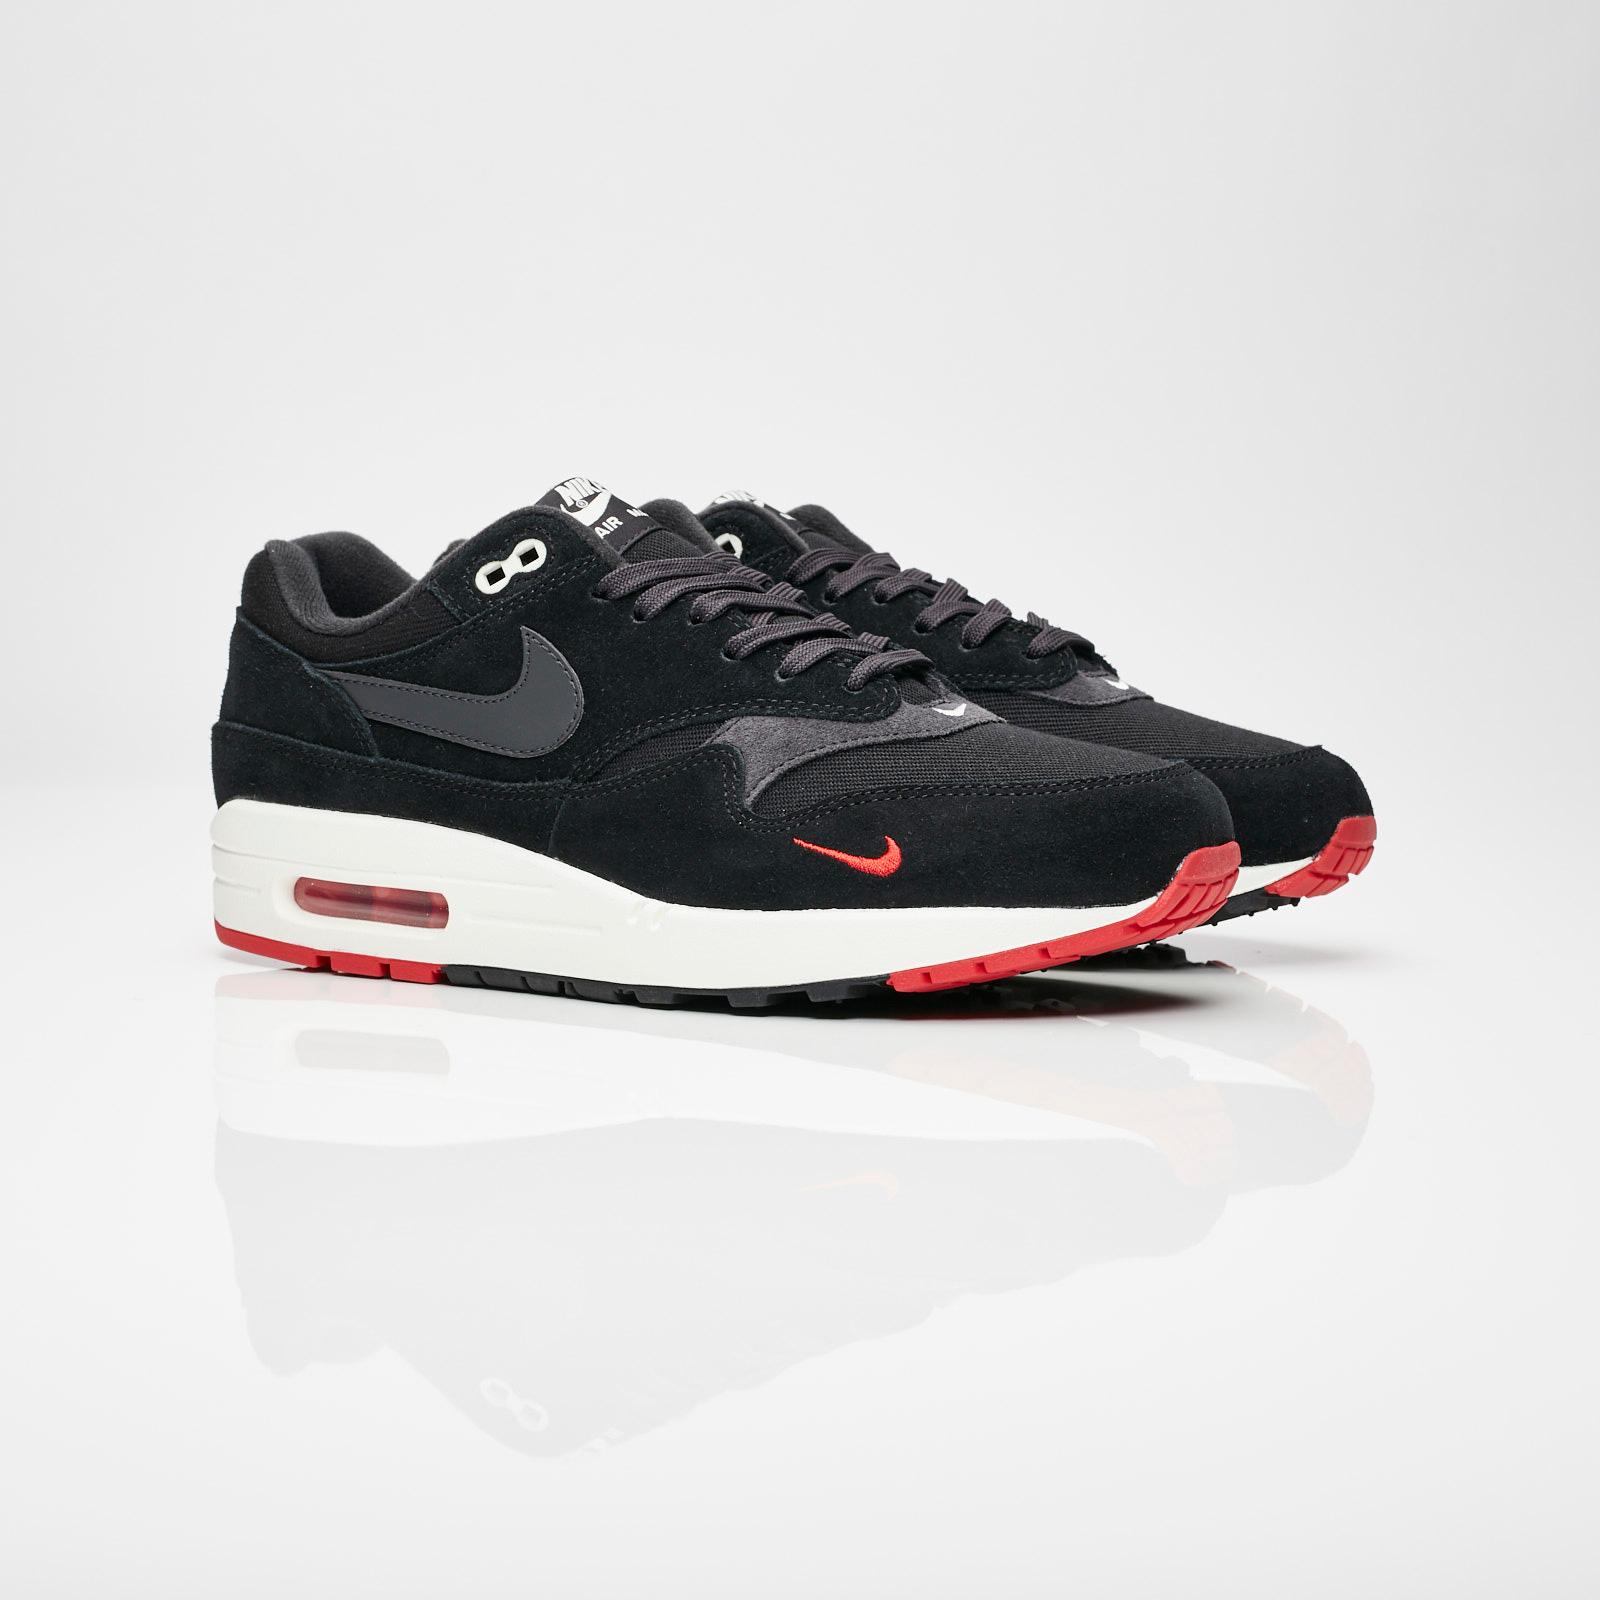 ada20224efca Nike Air Max 1 Premium - 875844-007 - Sneakersnstuff